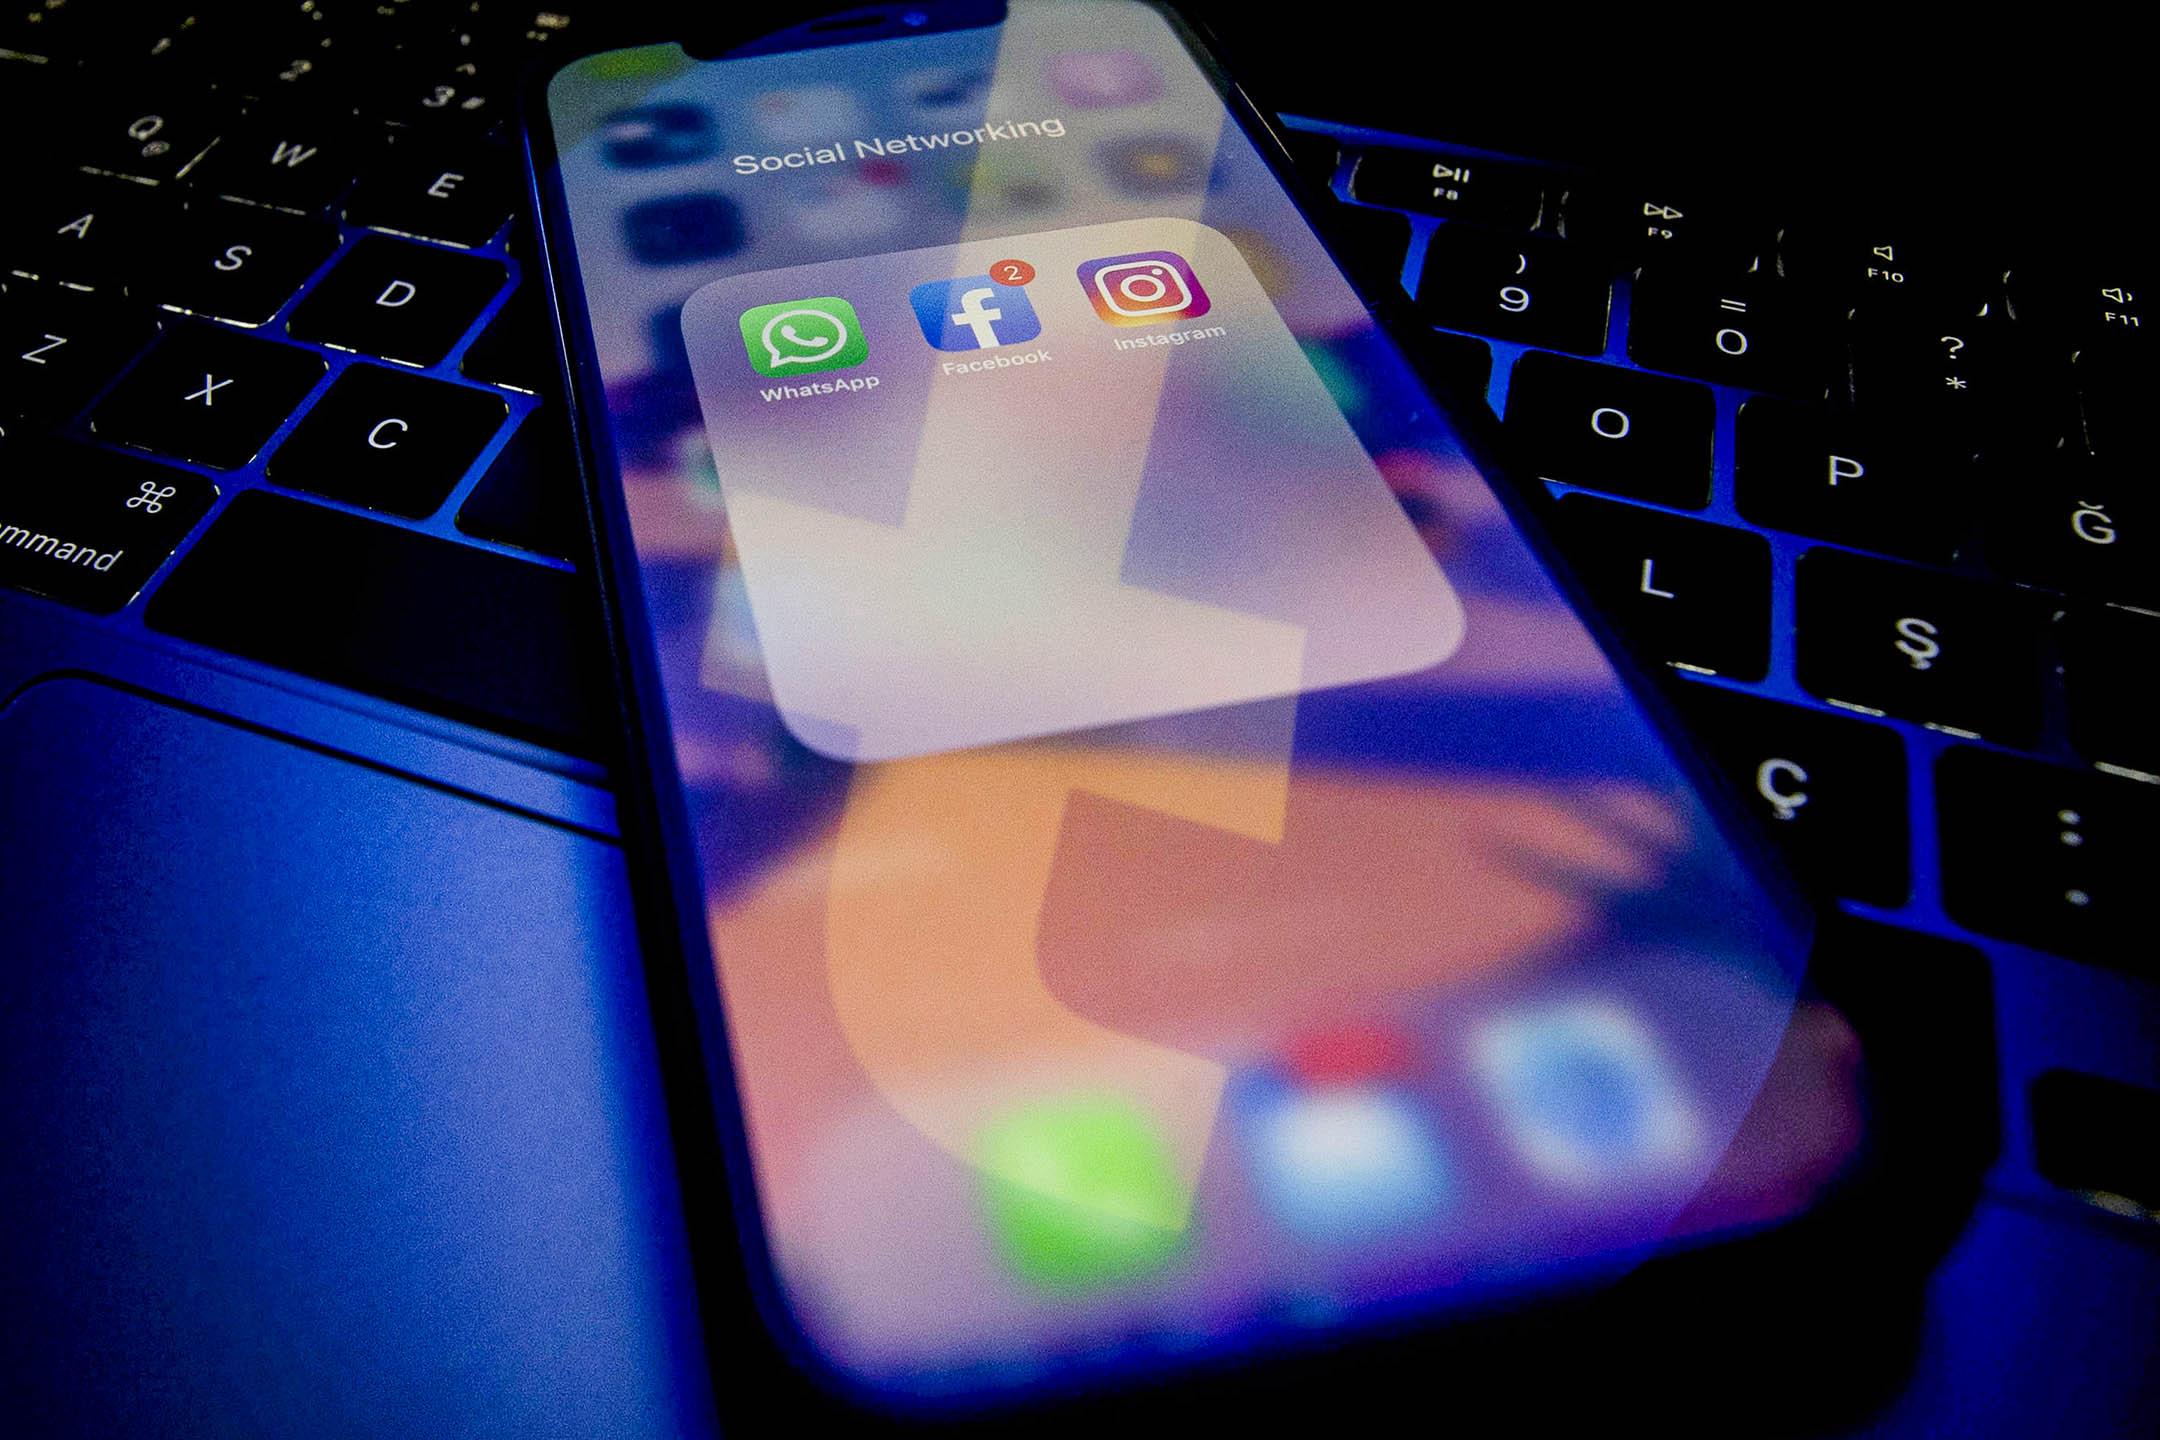 2021年10月4日,社交媒體應用程序Instagram、Facebook 和 WhatsApp在智能手機屏幕上。 攝:Ercin Erturk/Anadolu Agency via Getty Images